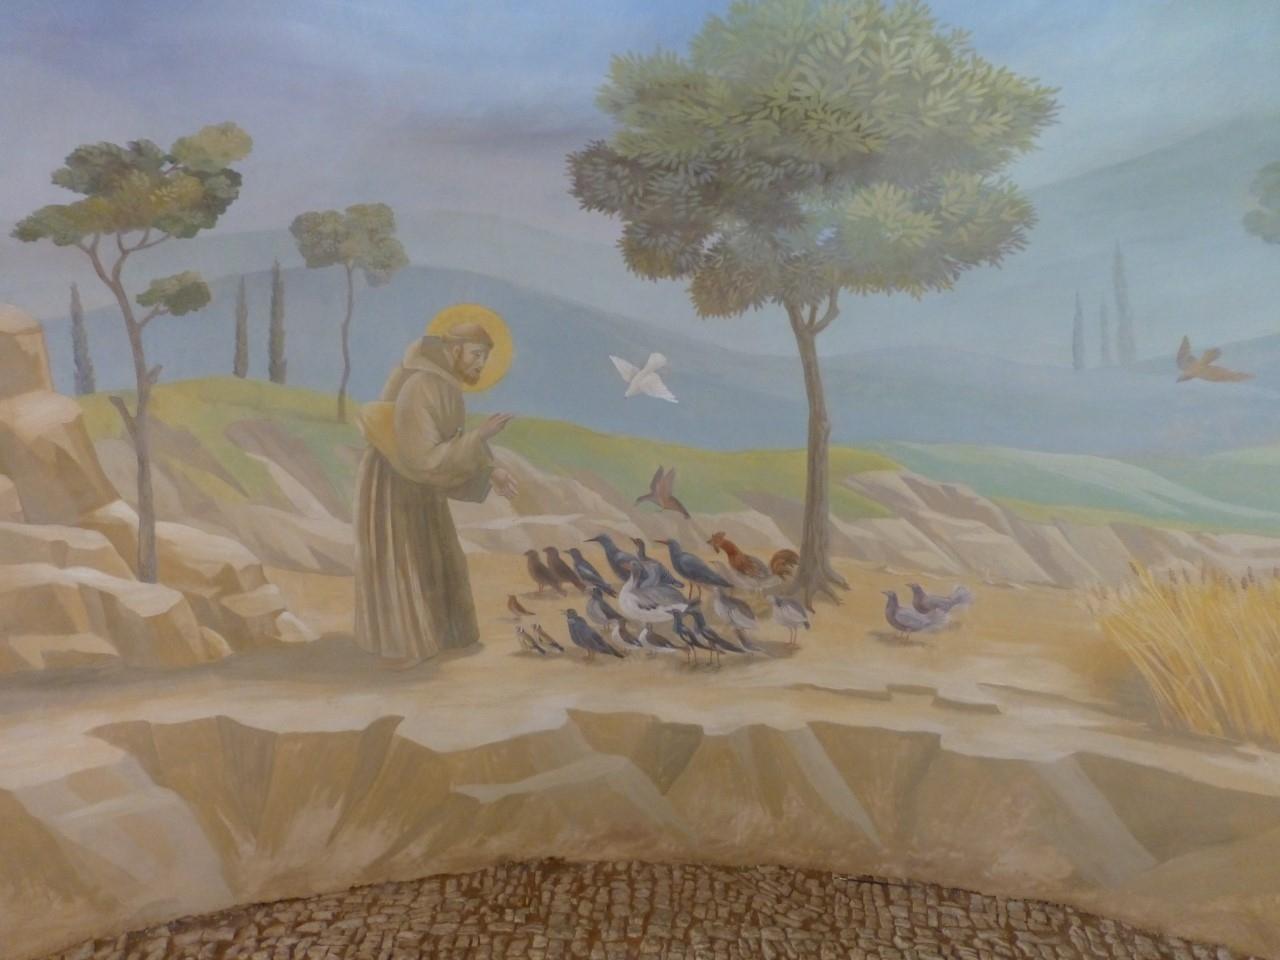 St François2 - Décor chapelle particulier à la manière de Giotto- fresque en trompe l'oeil.